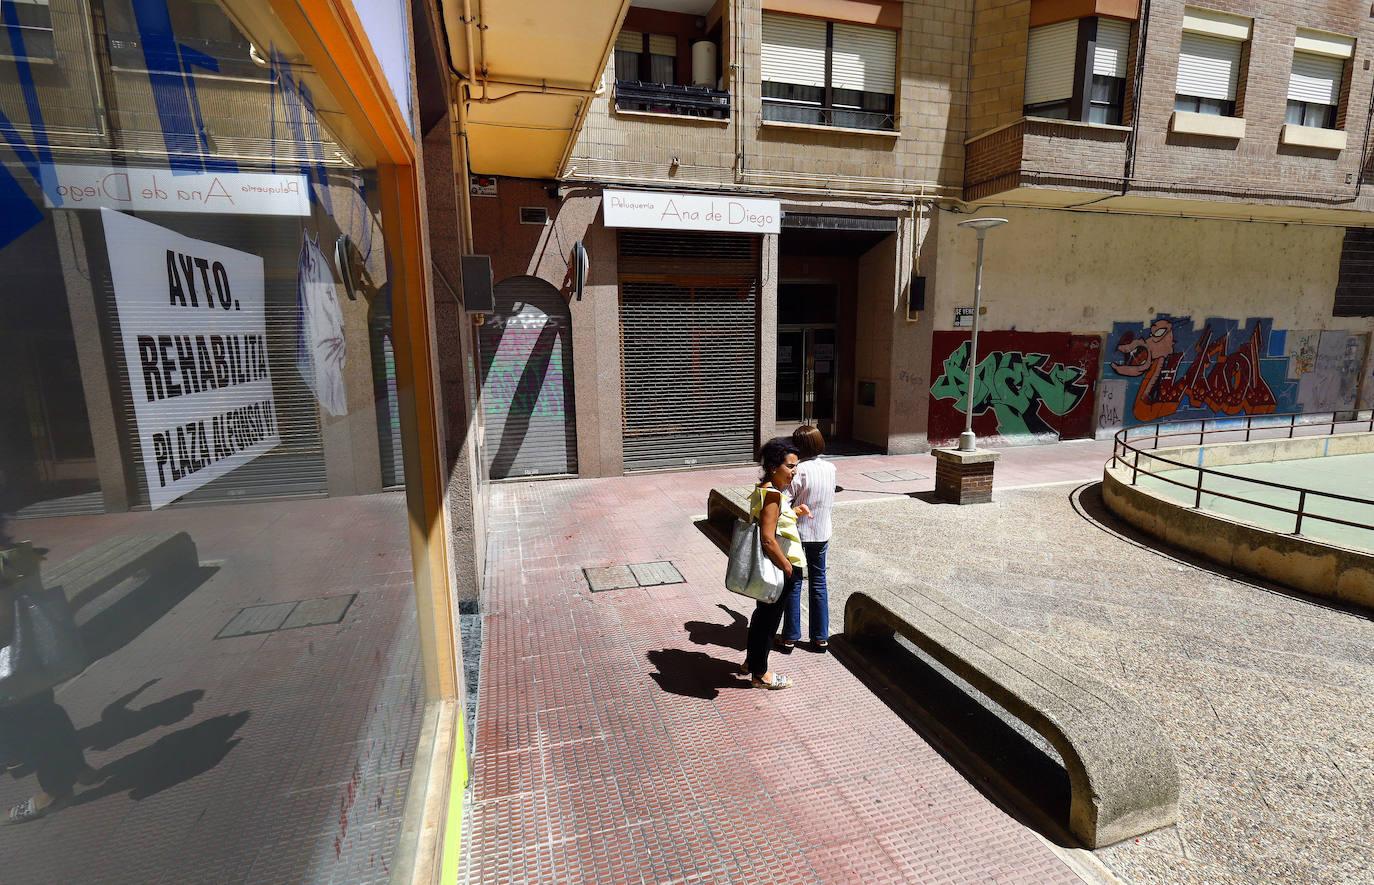 El informe urbanístico sobre la plaza Alfonso VI «desaconseja demoler cualquier elemento»